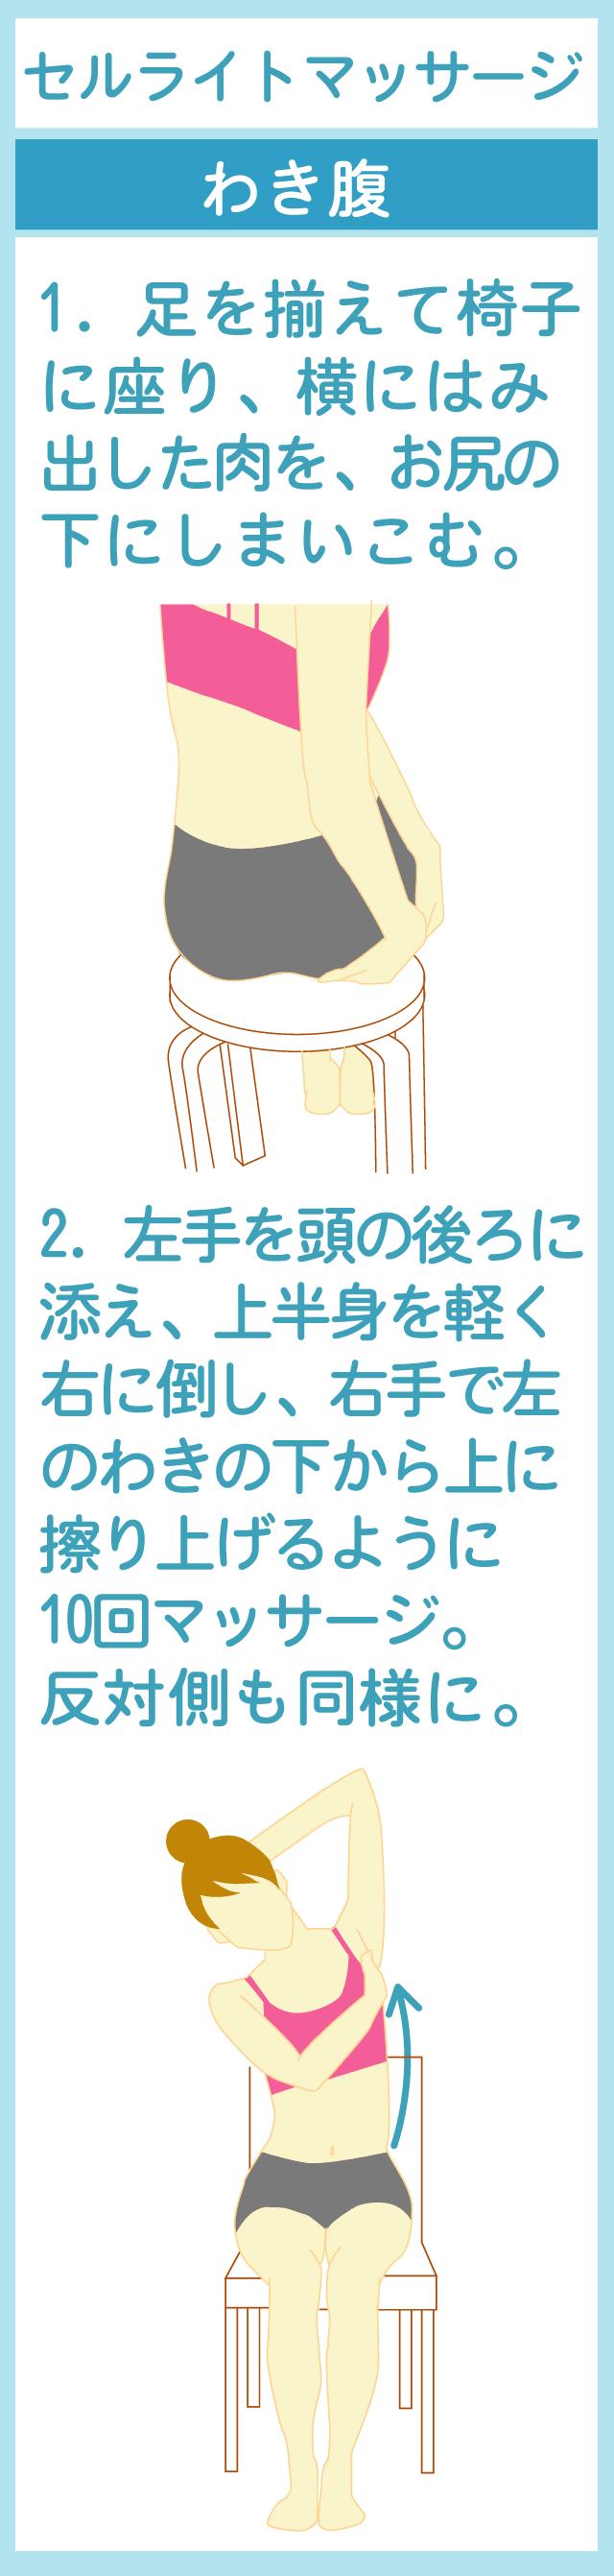 お腹周りのマッサージでむくみ解消2